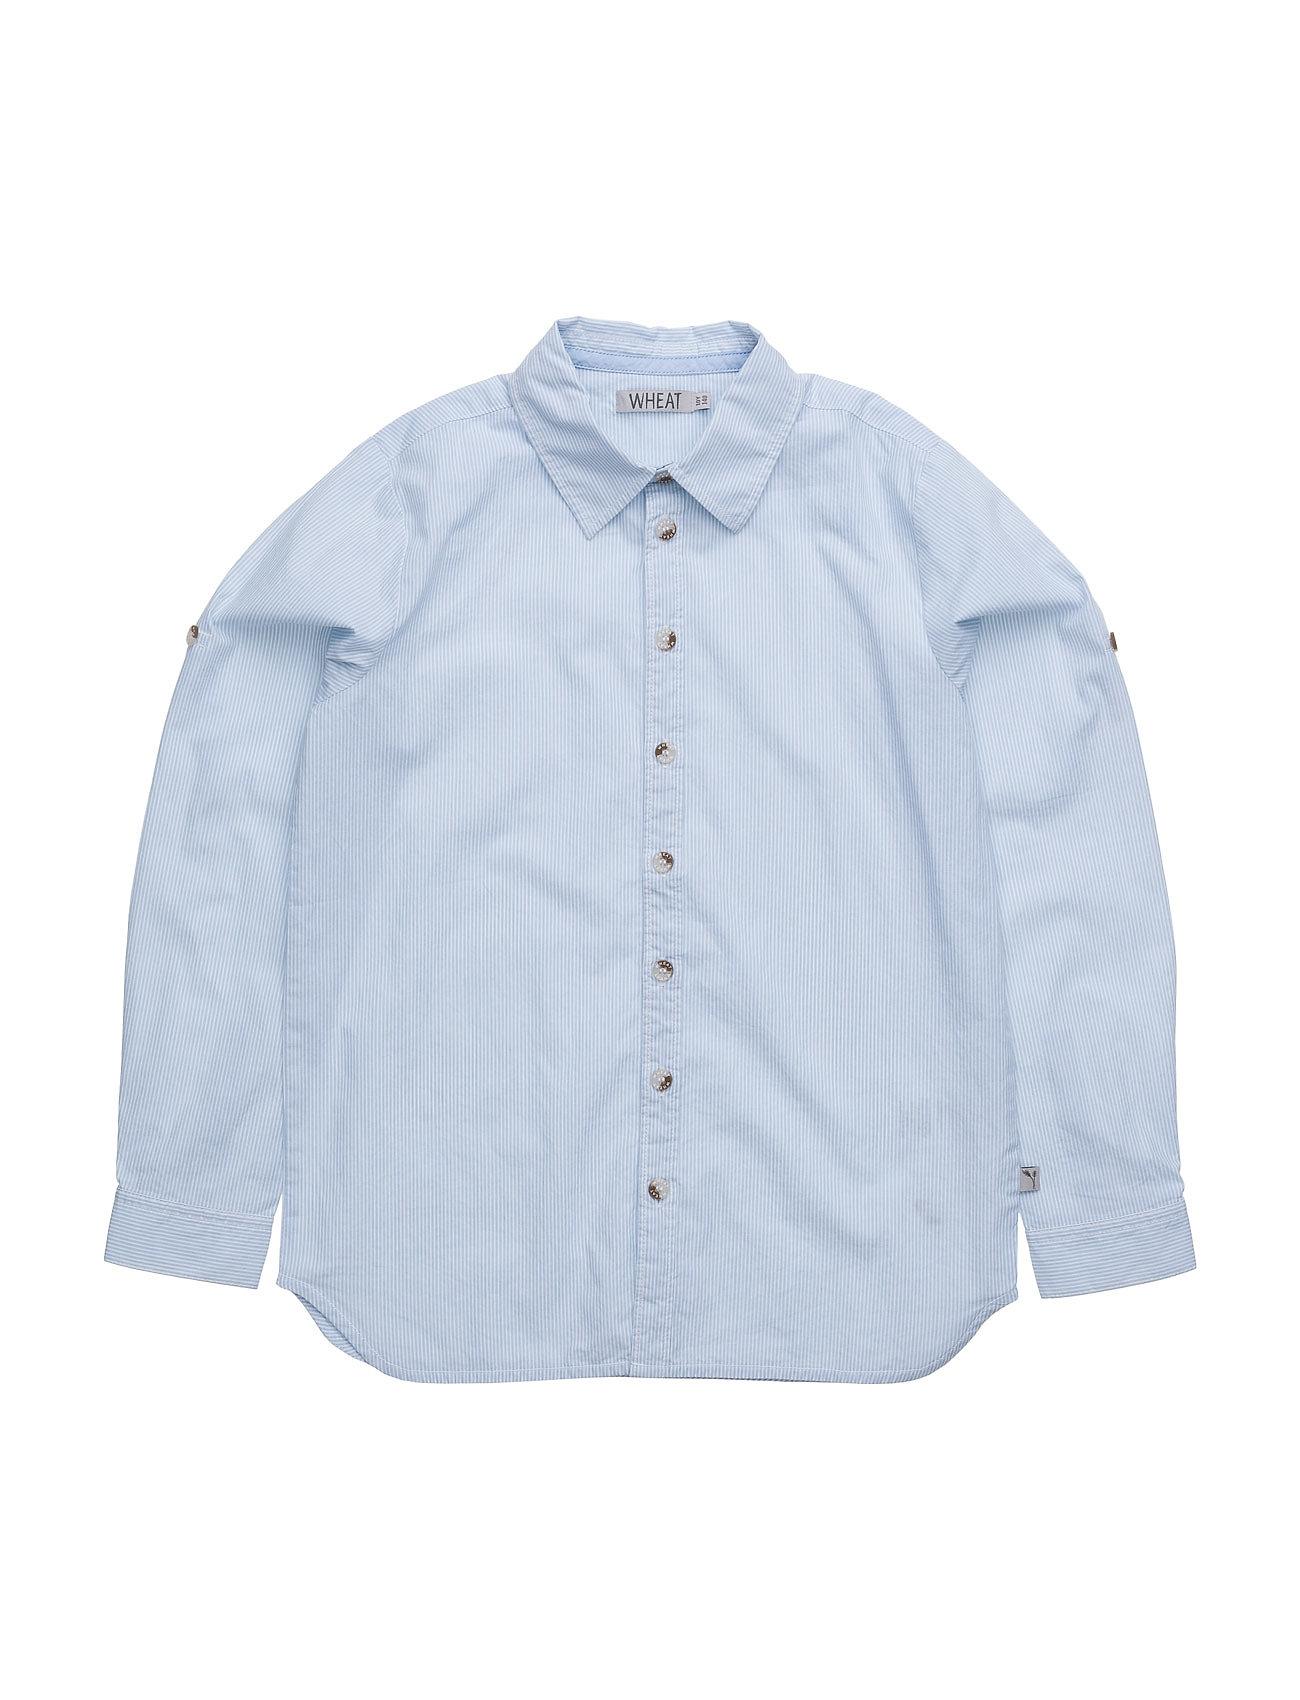 Shirt Pelle Ls Wheat Trøjer til Piger i